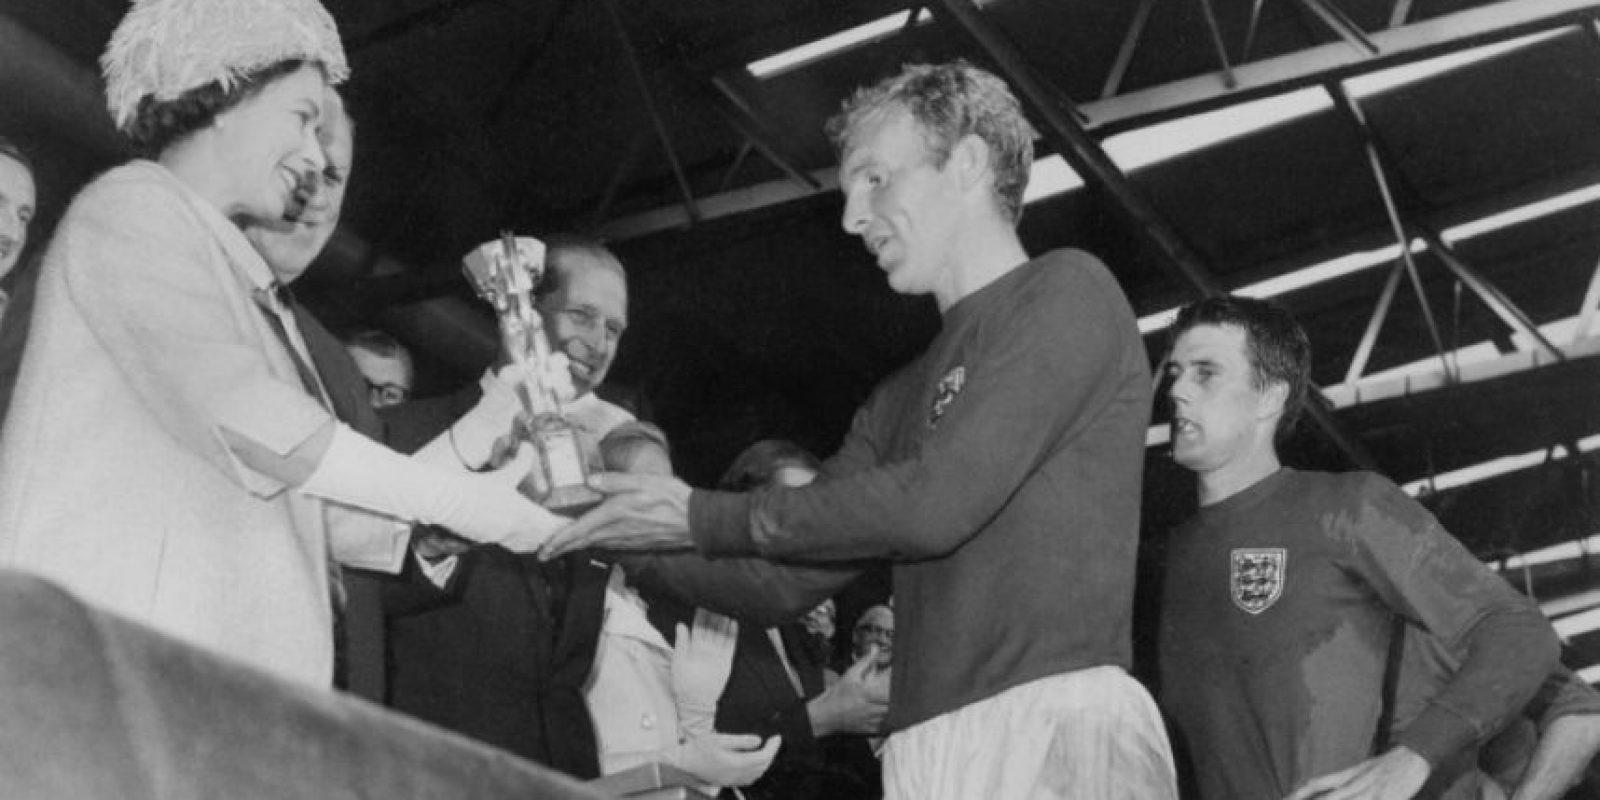 La Copa Jules Rimet le fue entregada al campeón del mundo entre 1930 y 1970. Foto:AFP